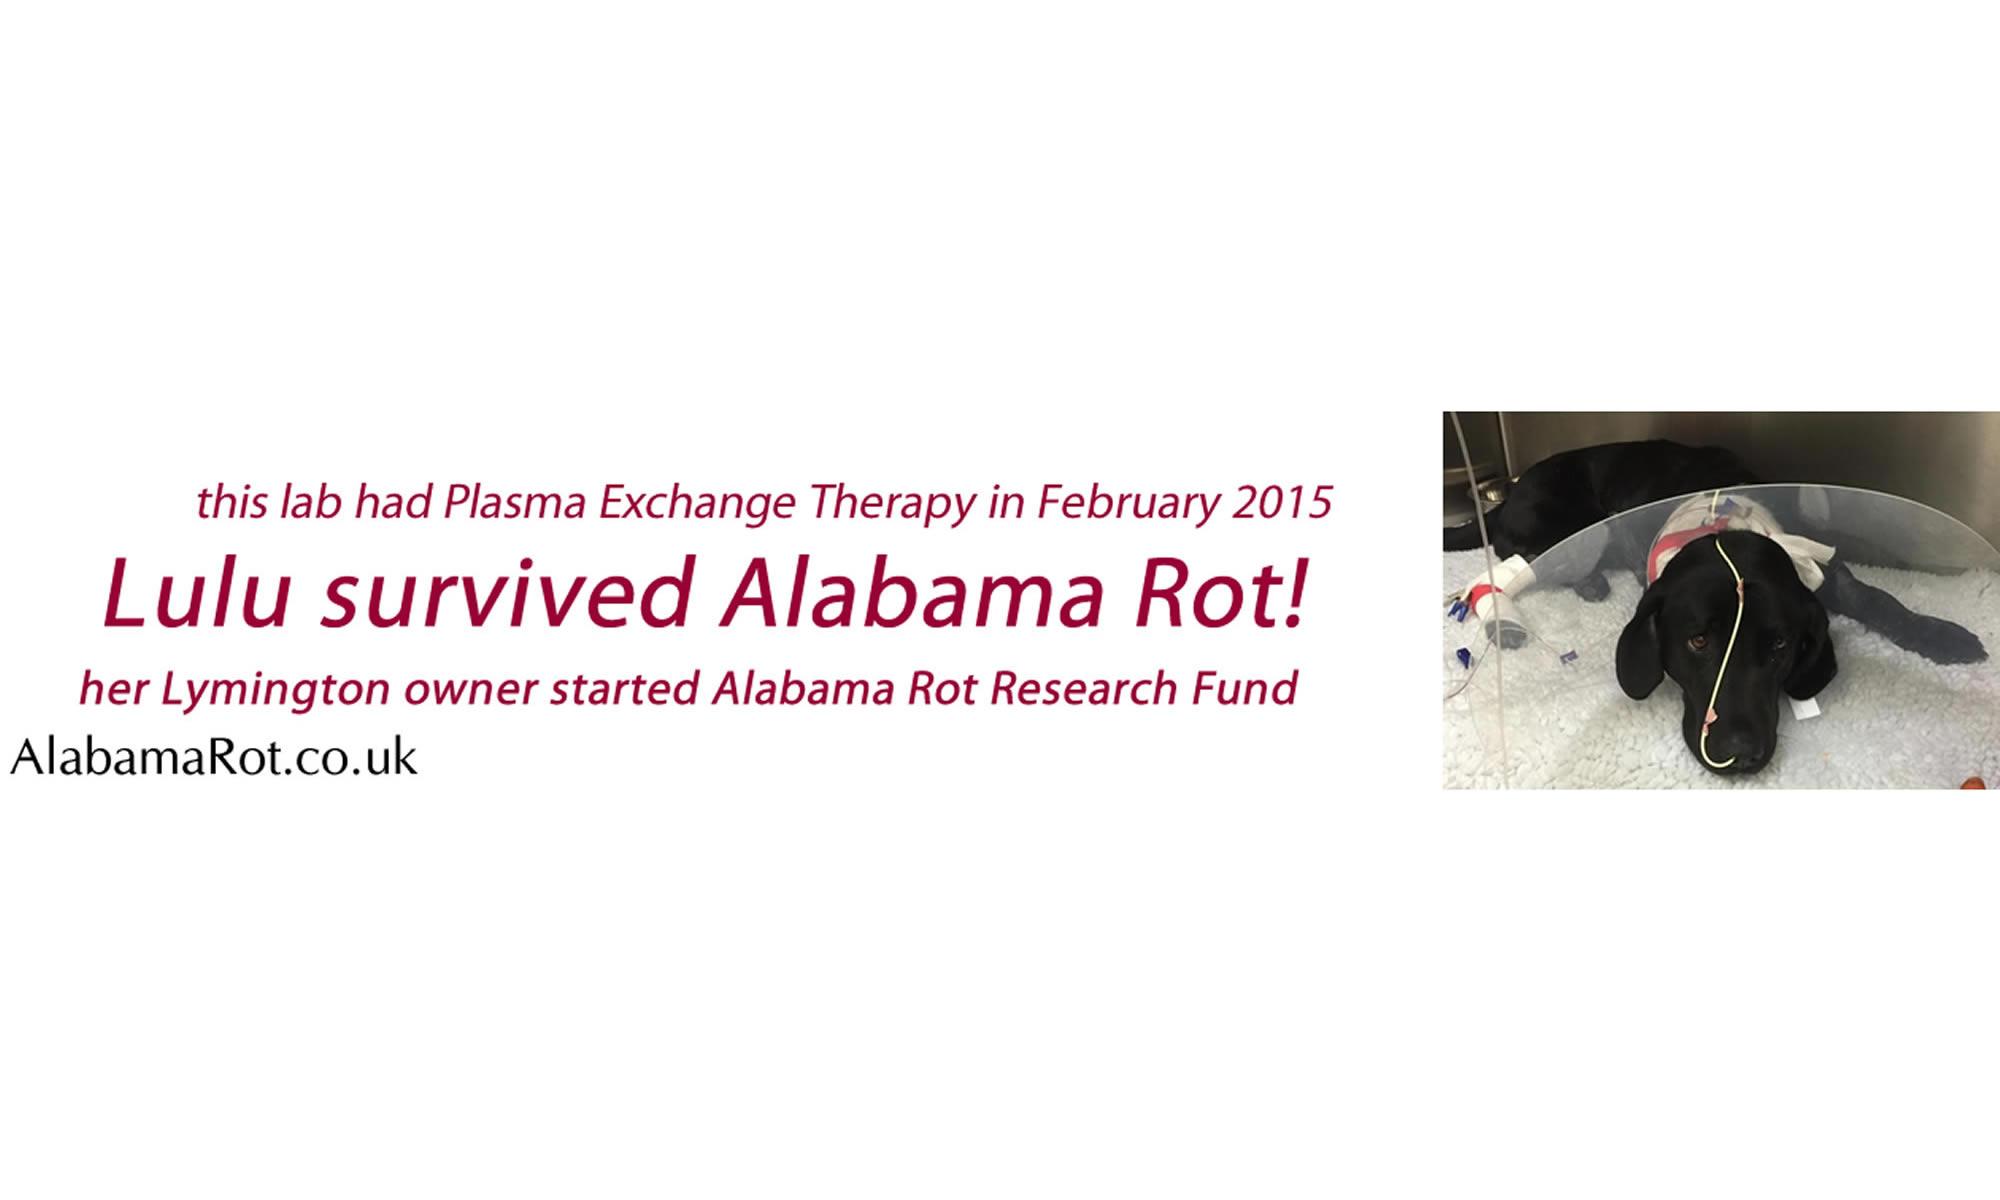 AlabamaRot.co.uk